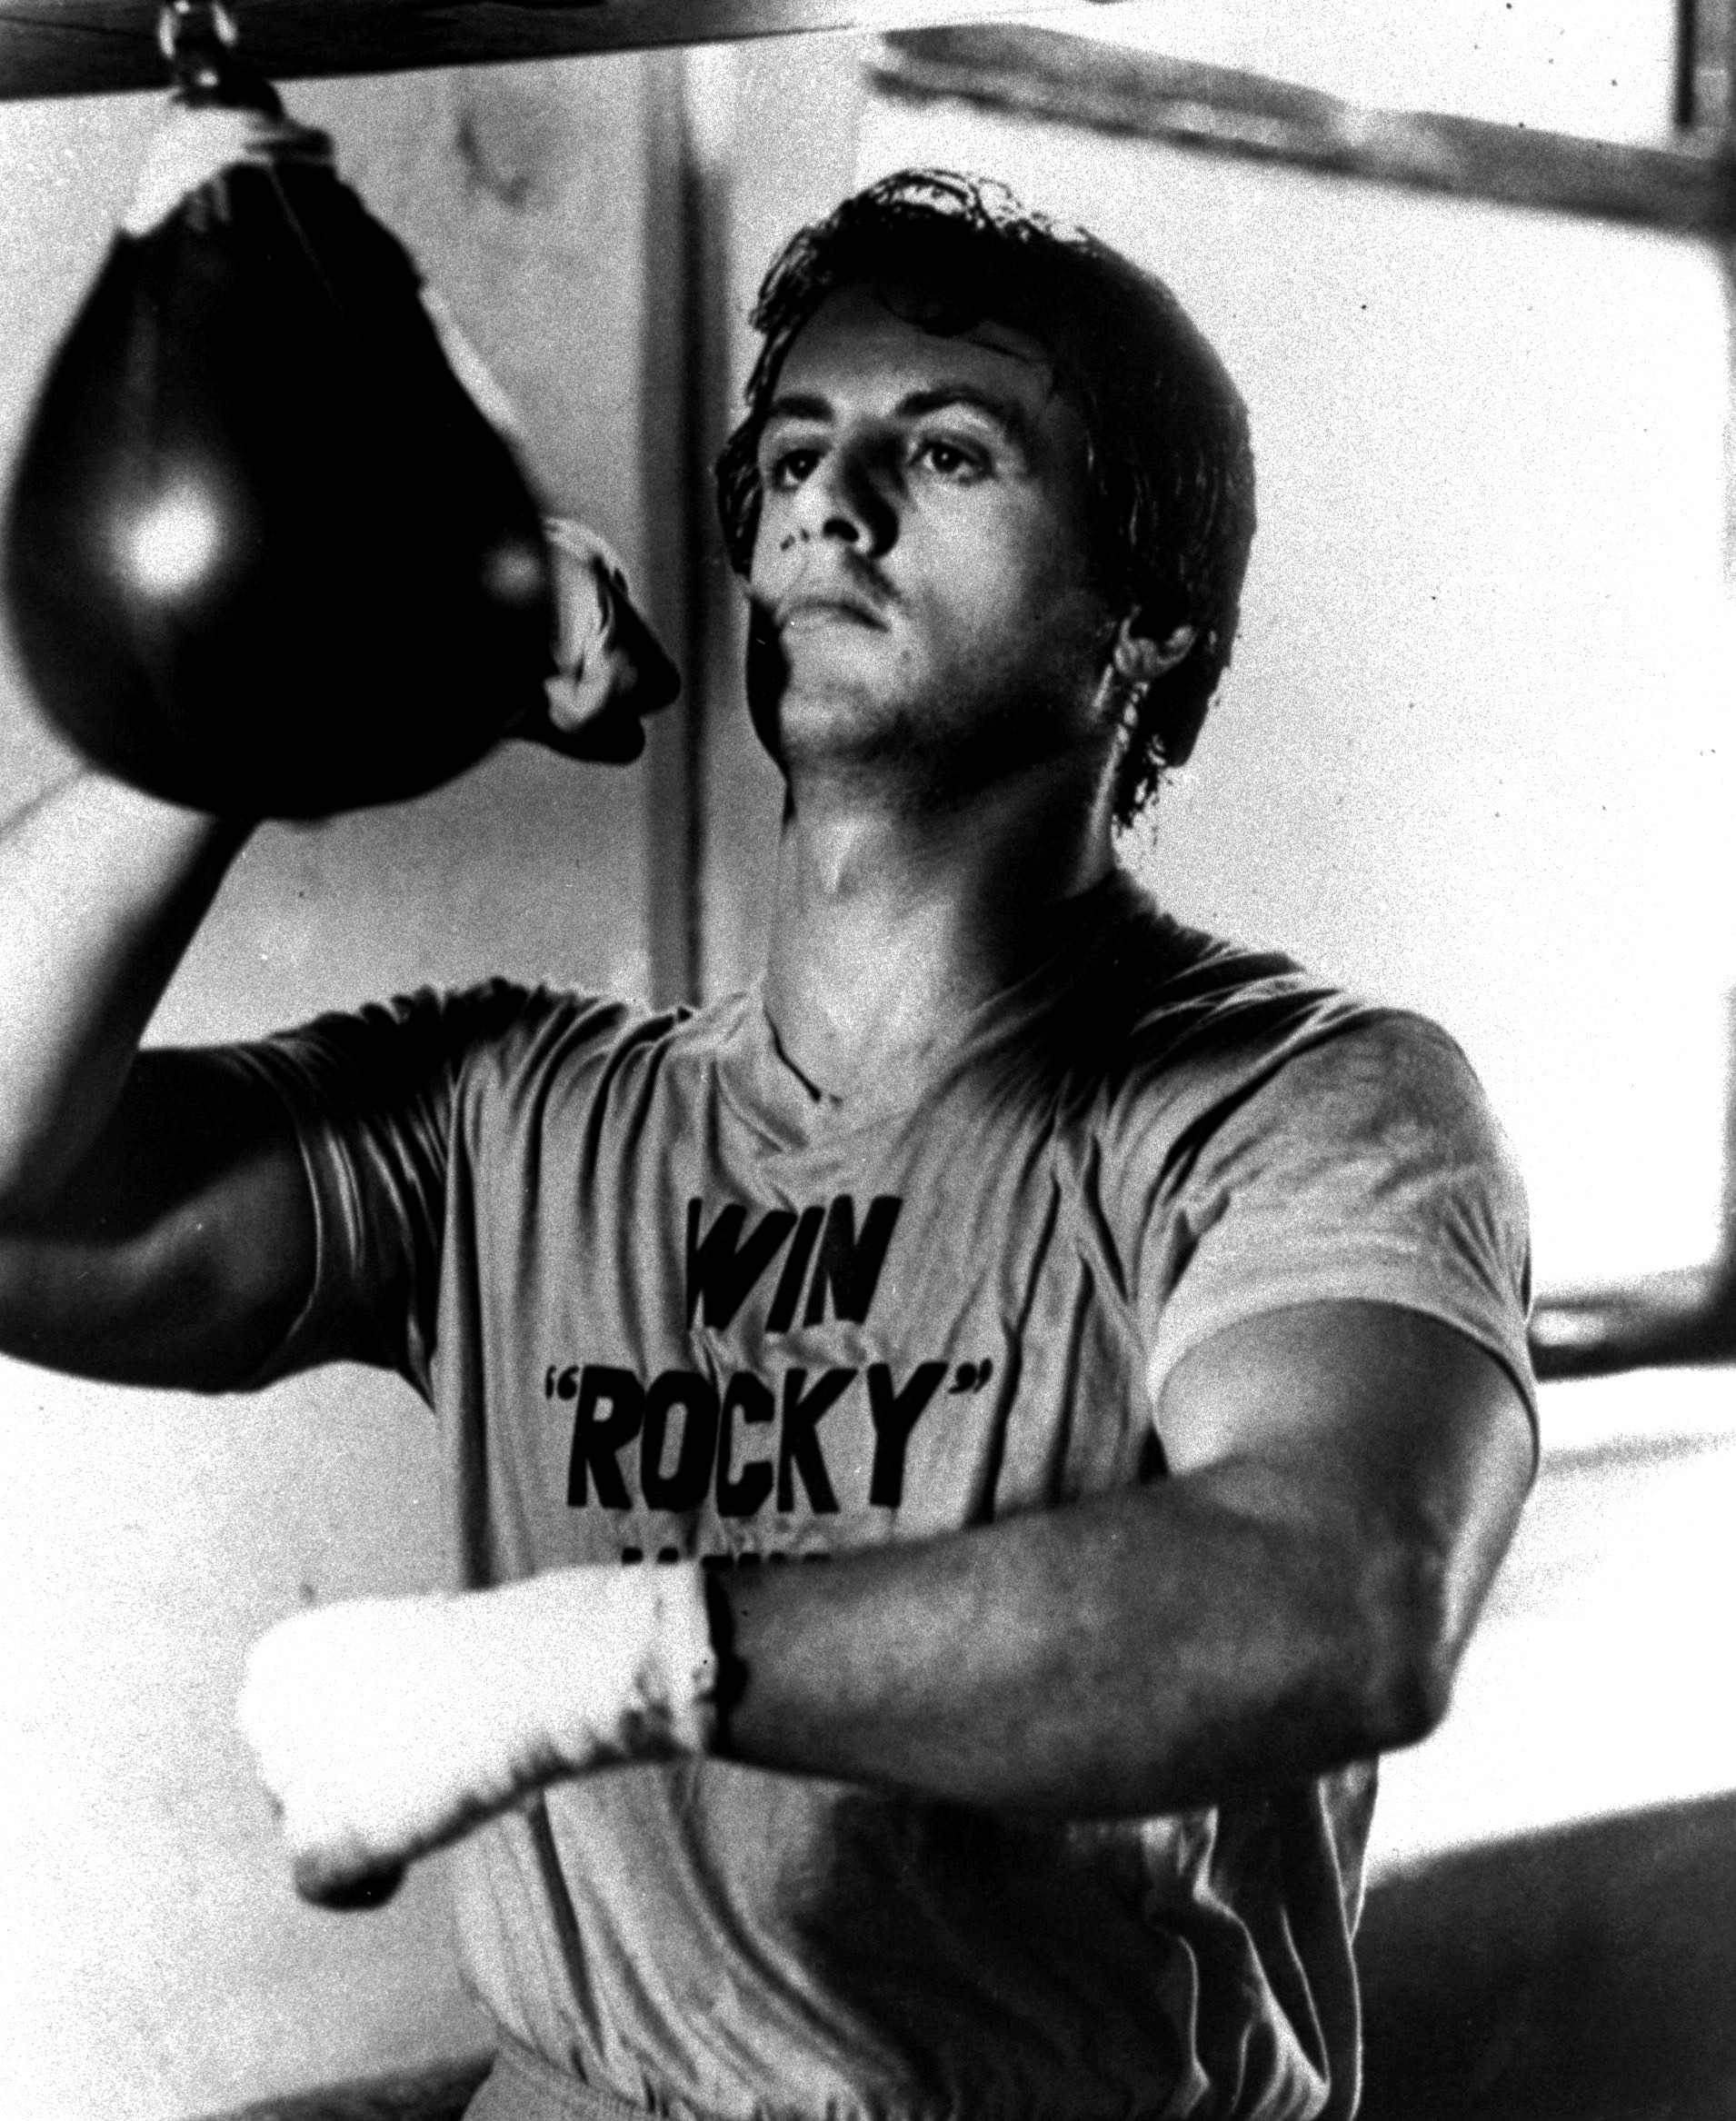 """Sylvester Stallone in 1976's """"Rocky"""", directed by John G. Avildsen. (AAP)"""